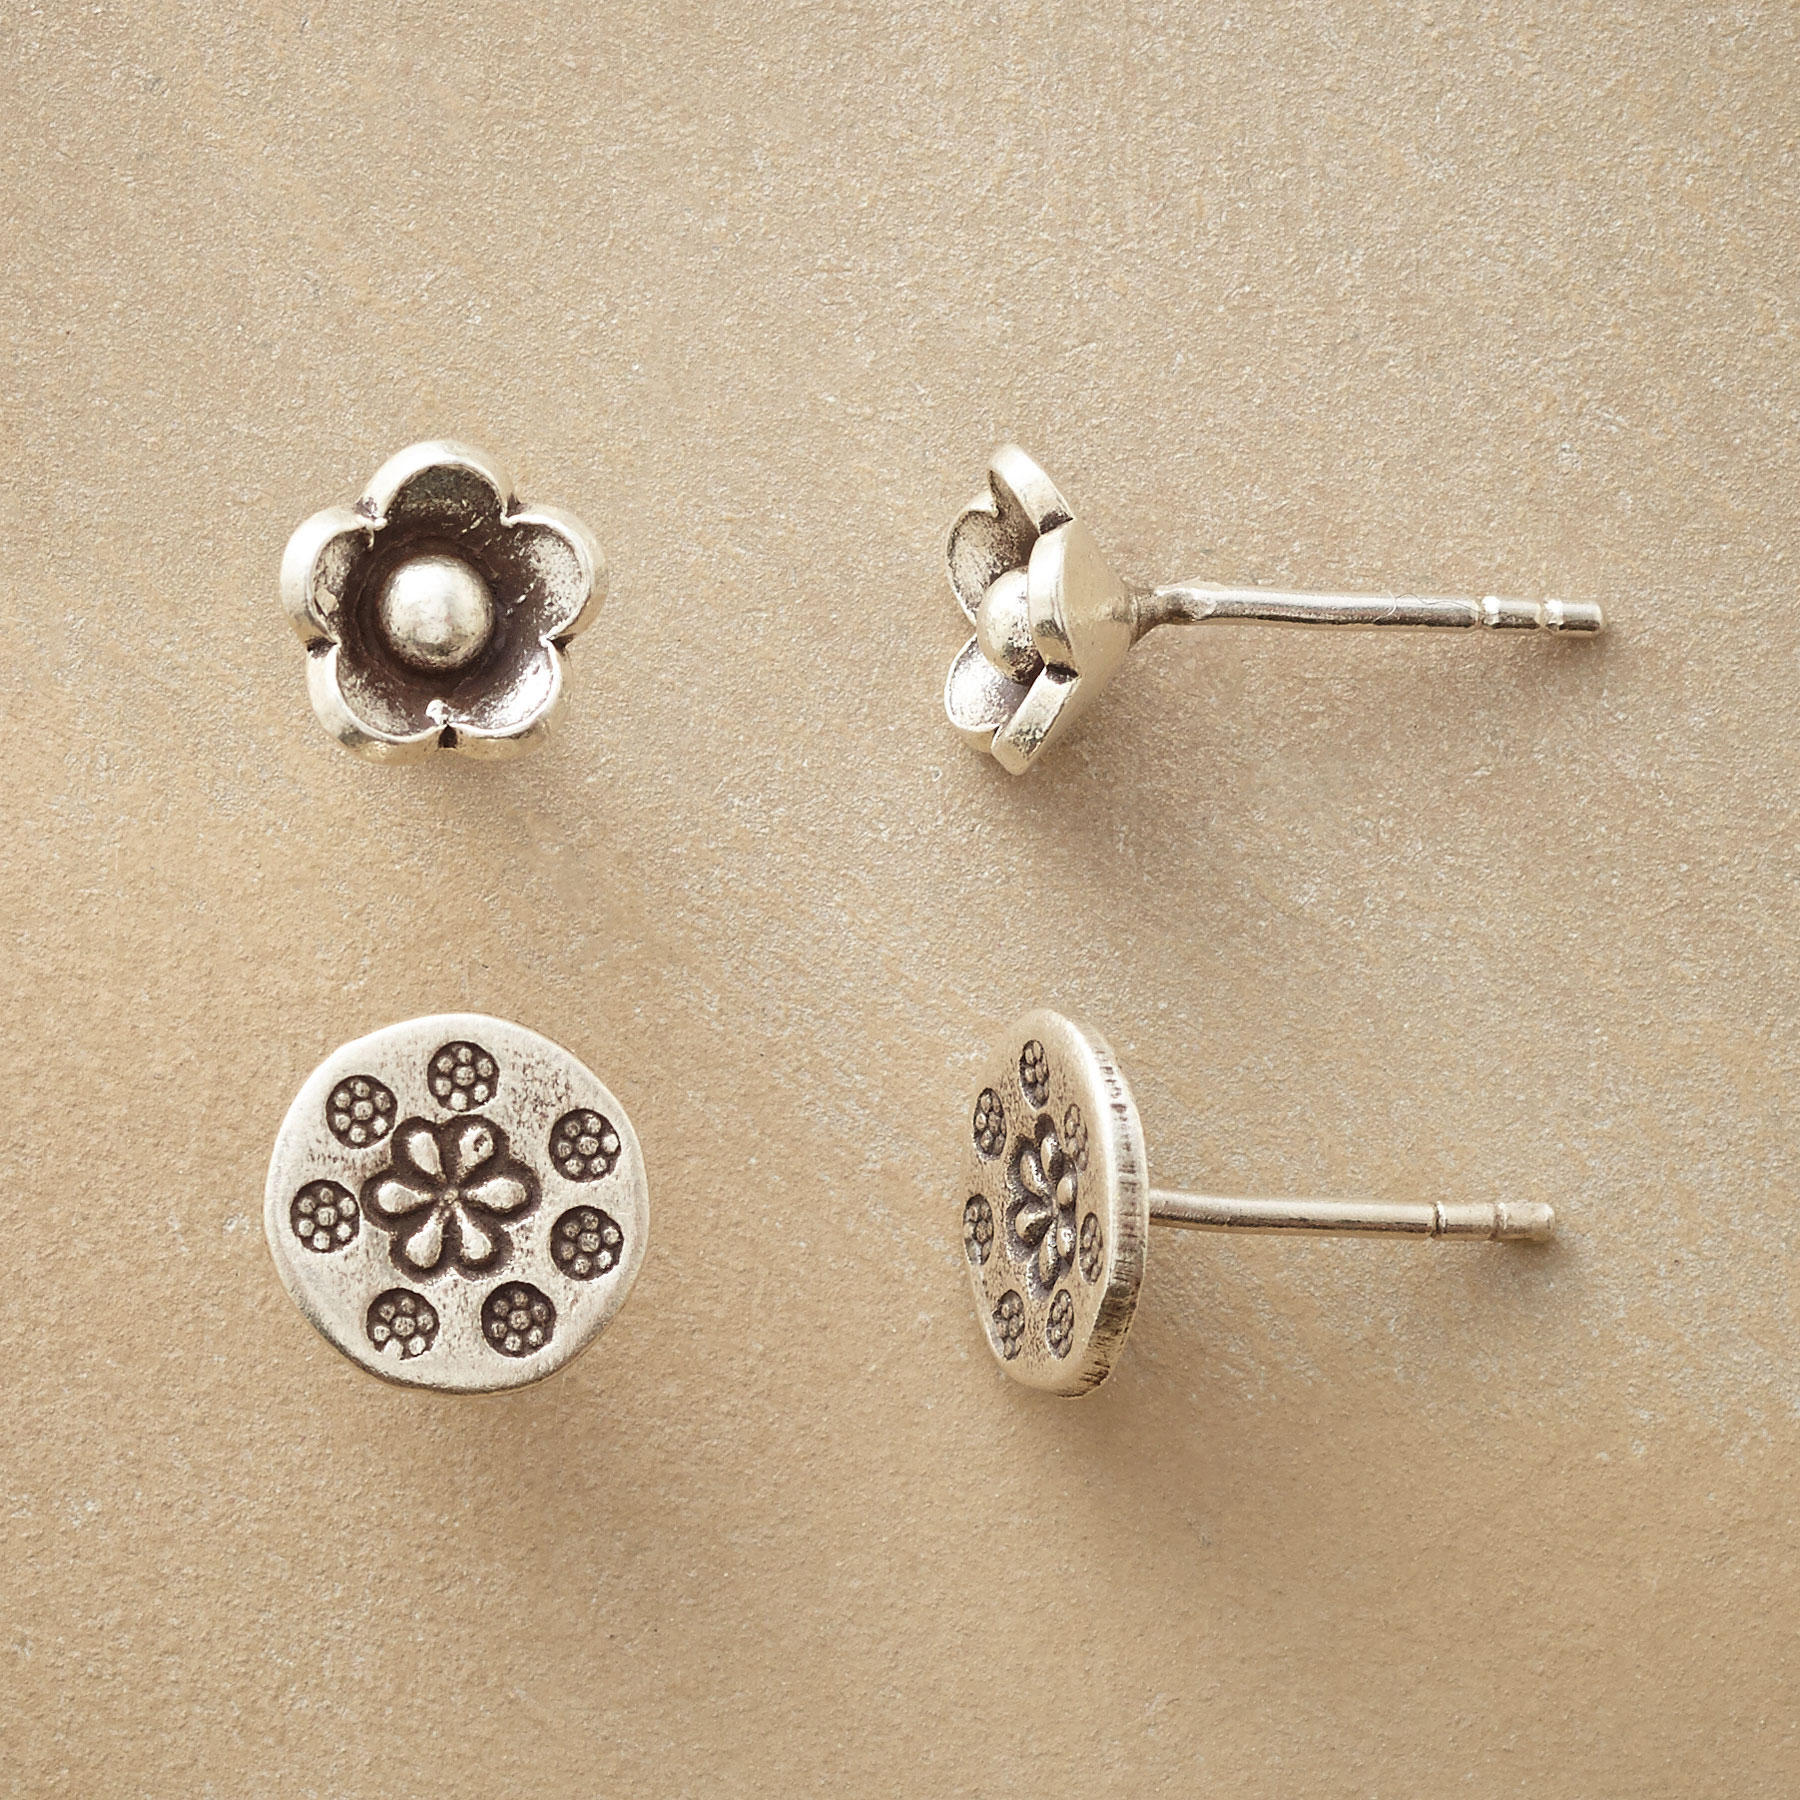 Floral Duet Earring Set